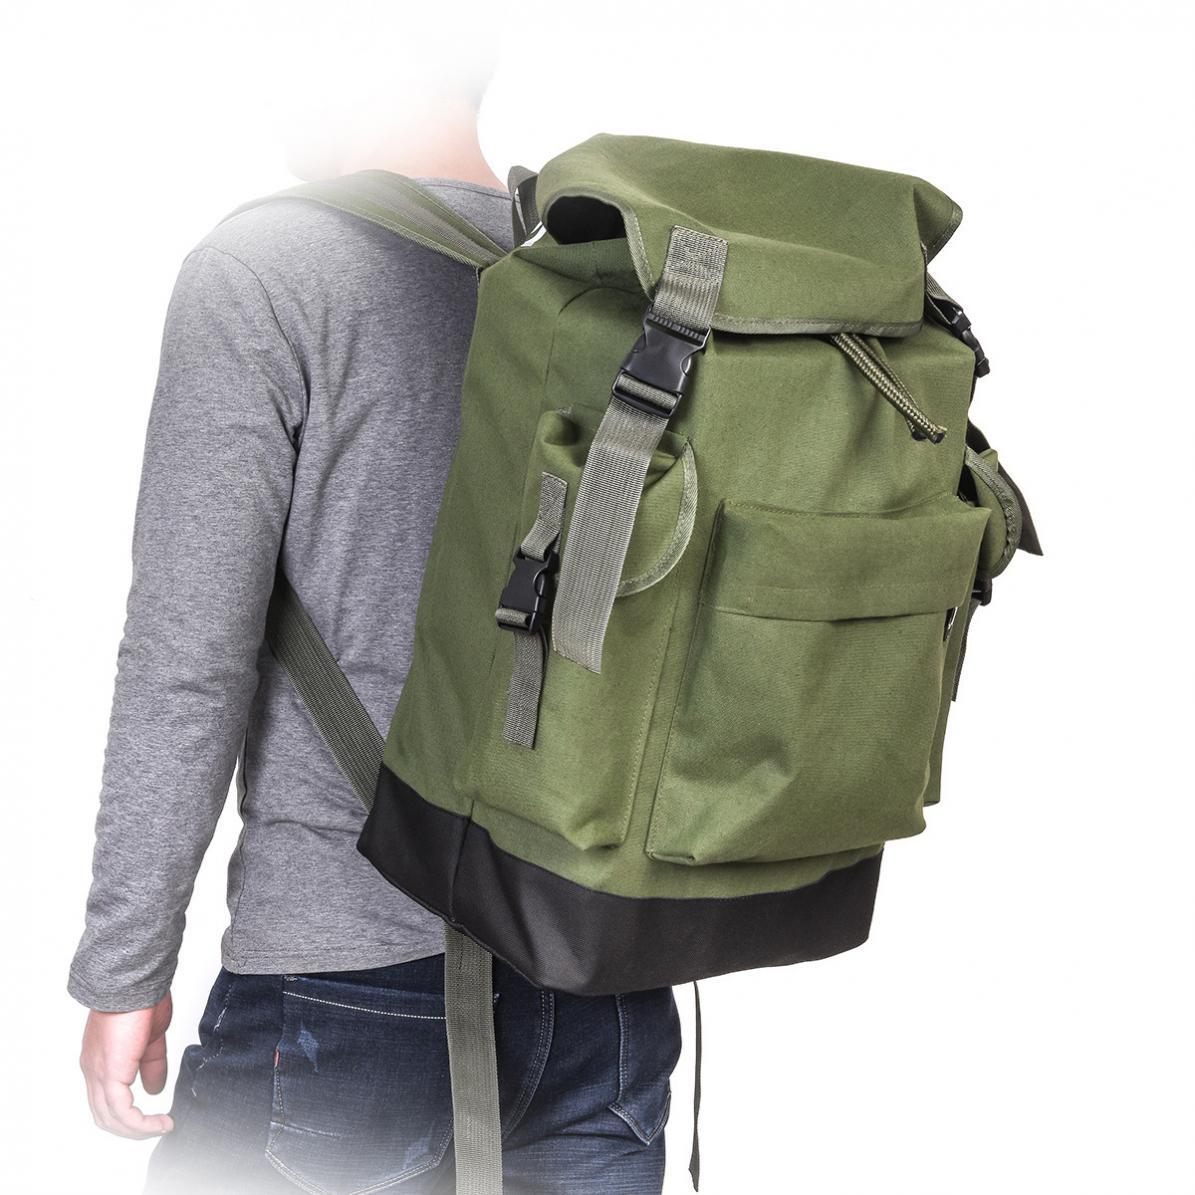 70L Tasche Große Kapazität Multifunktionale Armee Grün Leinwand Karpfen Angeln Tasche Angelgerät Rucksack